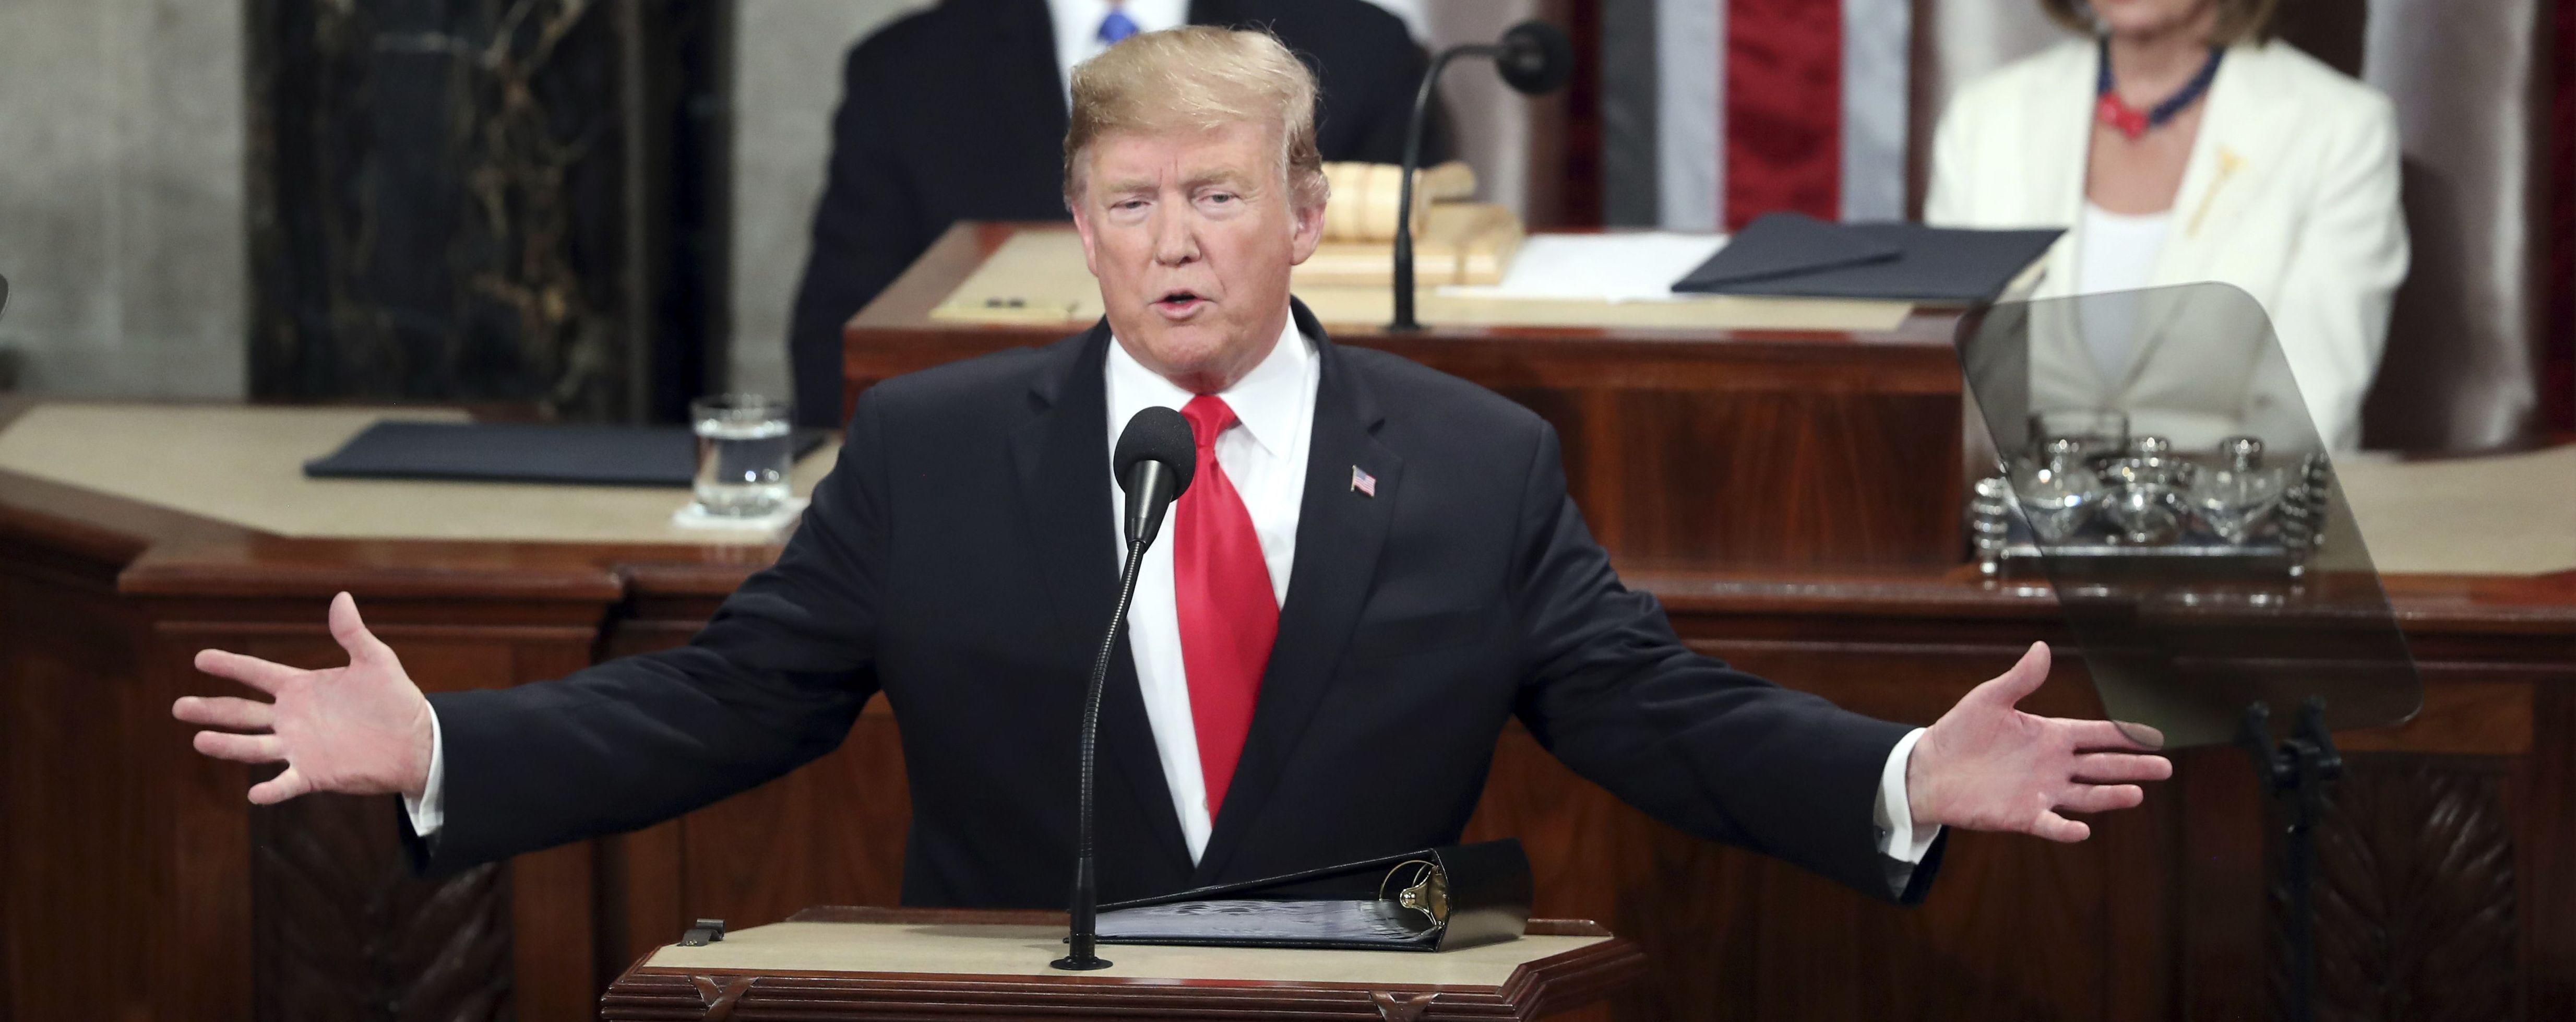 У США почали процедуру імпічменту Трампа: як вона триватиме